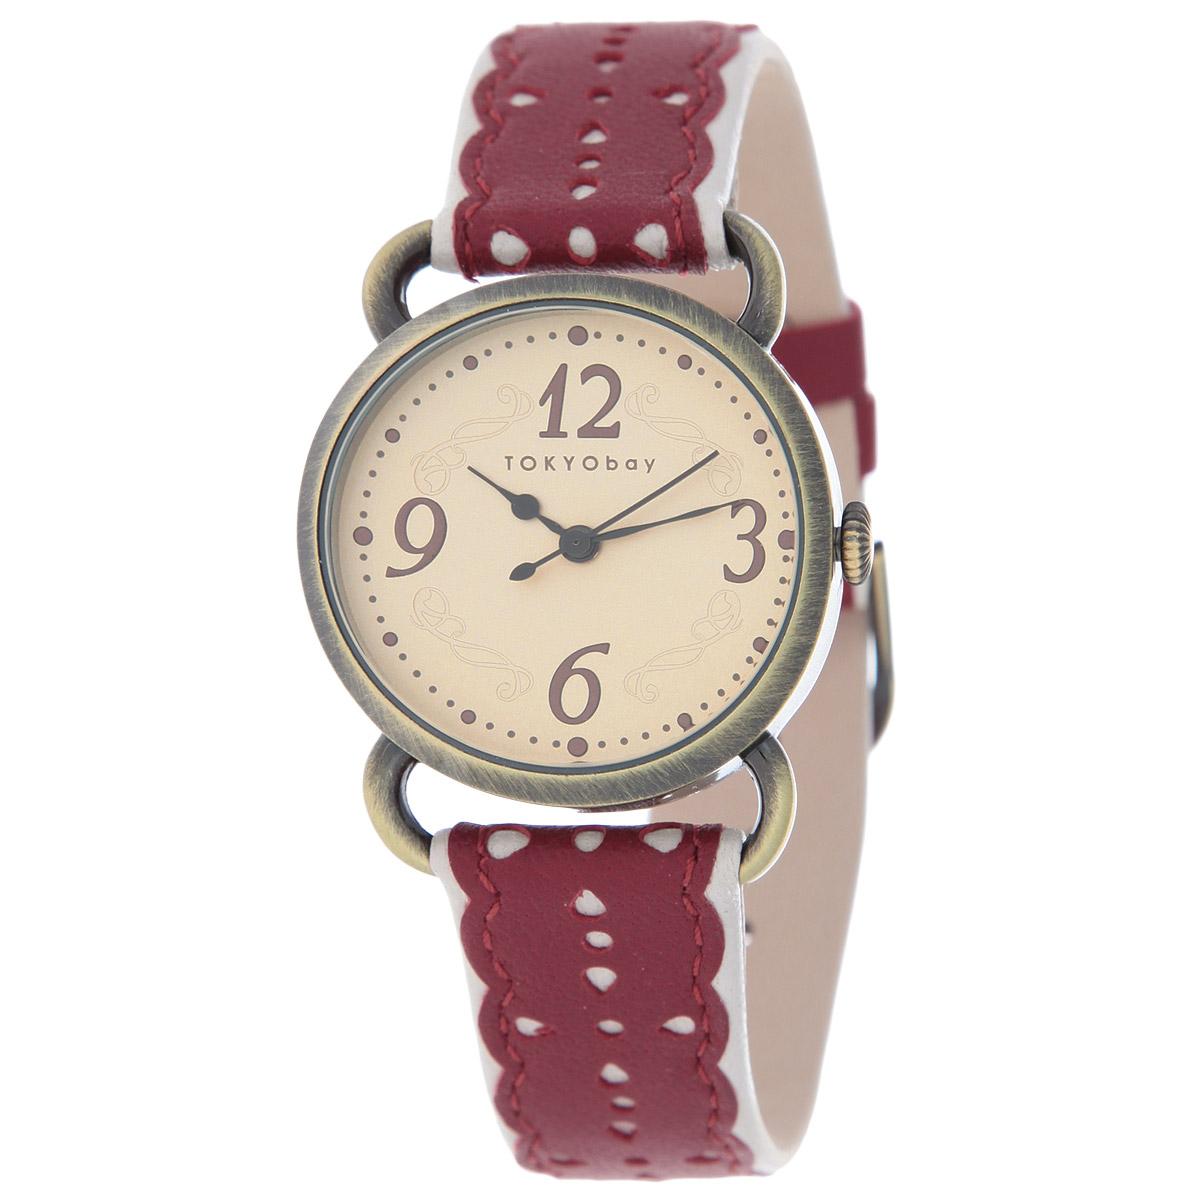 Часы женские наручные Tokyobay Doily, цвет: красный. T038-RDT038-RDНаручные часы Tokyobay - это стильное дополнение к вашему неповторимому образу. Эти часы созданы для современных девушек, ценящих стиль, качество и практичность. Часы оснащены японским кварцевым механизмом Miyota. Корпус выполнен из металла, не содержащего никель. Задняя крышка изготовлена из нержавеющей стали. Циферблат имеет три стрелки - часовую, минутную и секундную. Ремешок выполнен из натуральной кожи, украшен декоративной кожаной аппликацией и застегивается на классическую застежку-пряжку. Часы Tokyobay - это практичный и модный аксессуар, который подчеркнет ваш безупречный вкус. Характеристики: Корпус: 30 х 30 х 6 мм. Размер ремешка: 19 х 1,1 см. Не водостойкие.